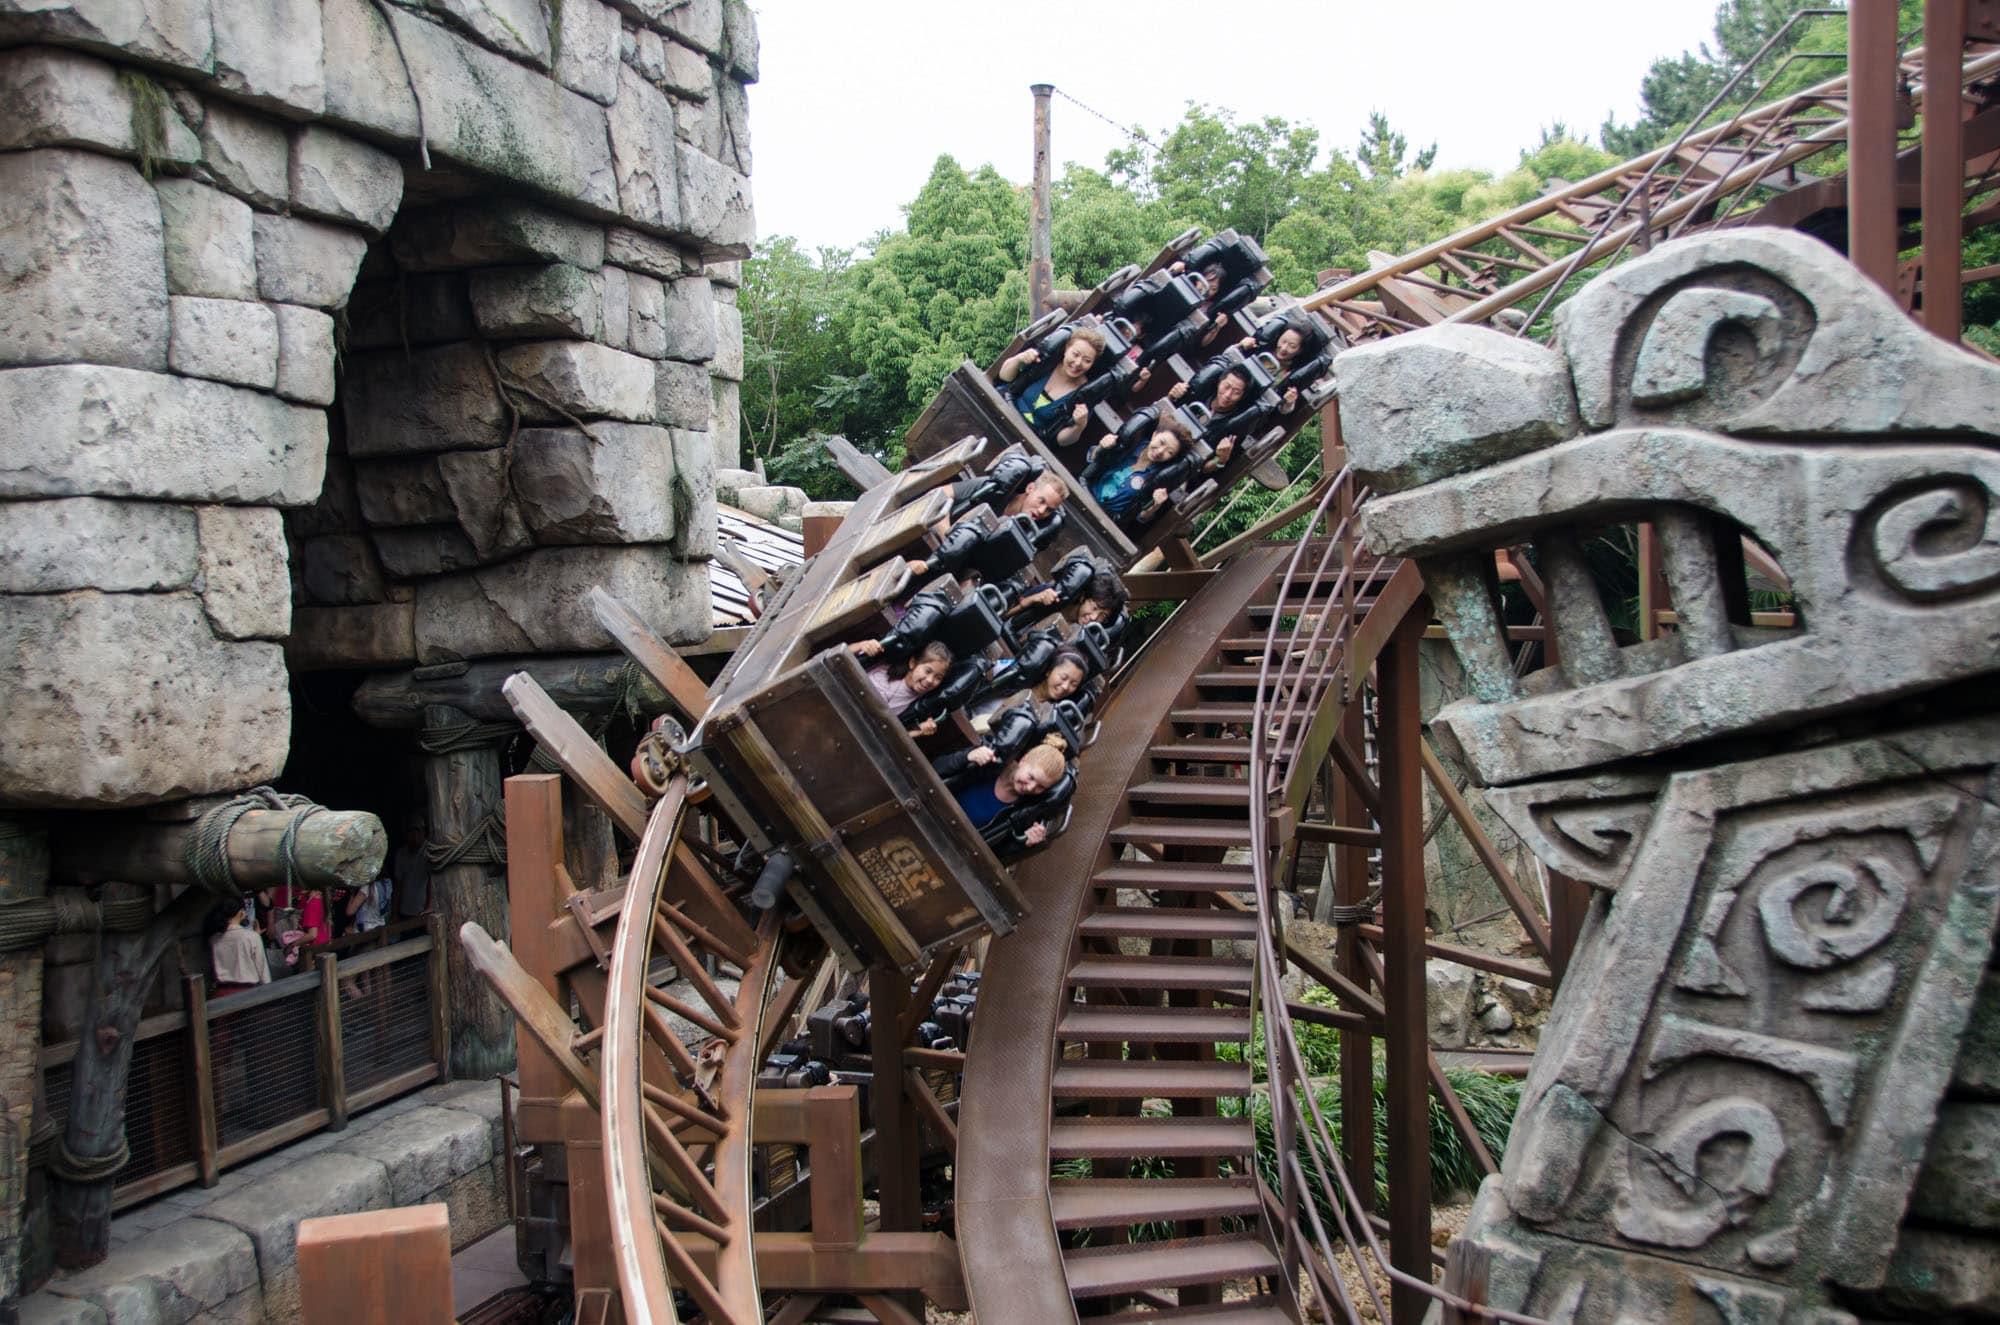 công viên đại dương tokyo disneysea: raging spirits roller coaster